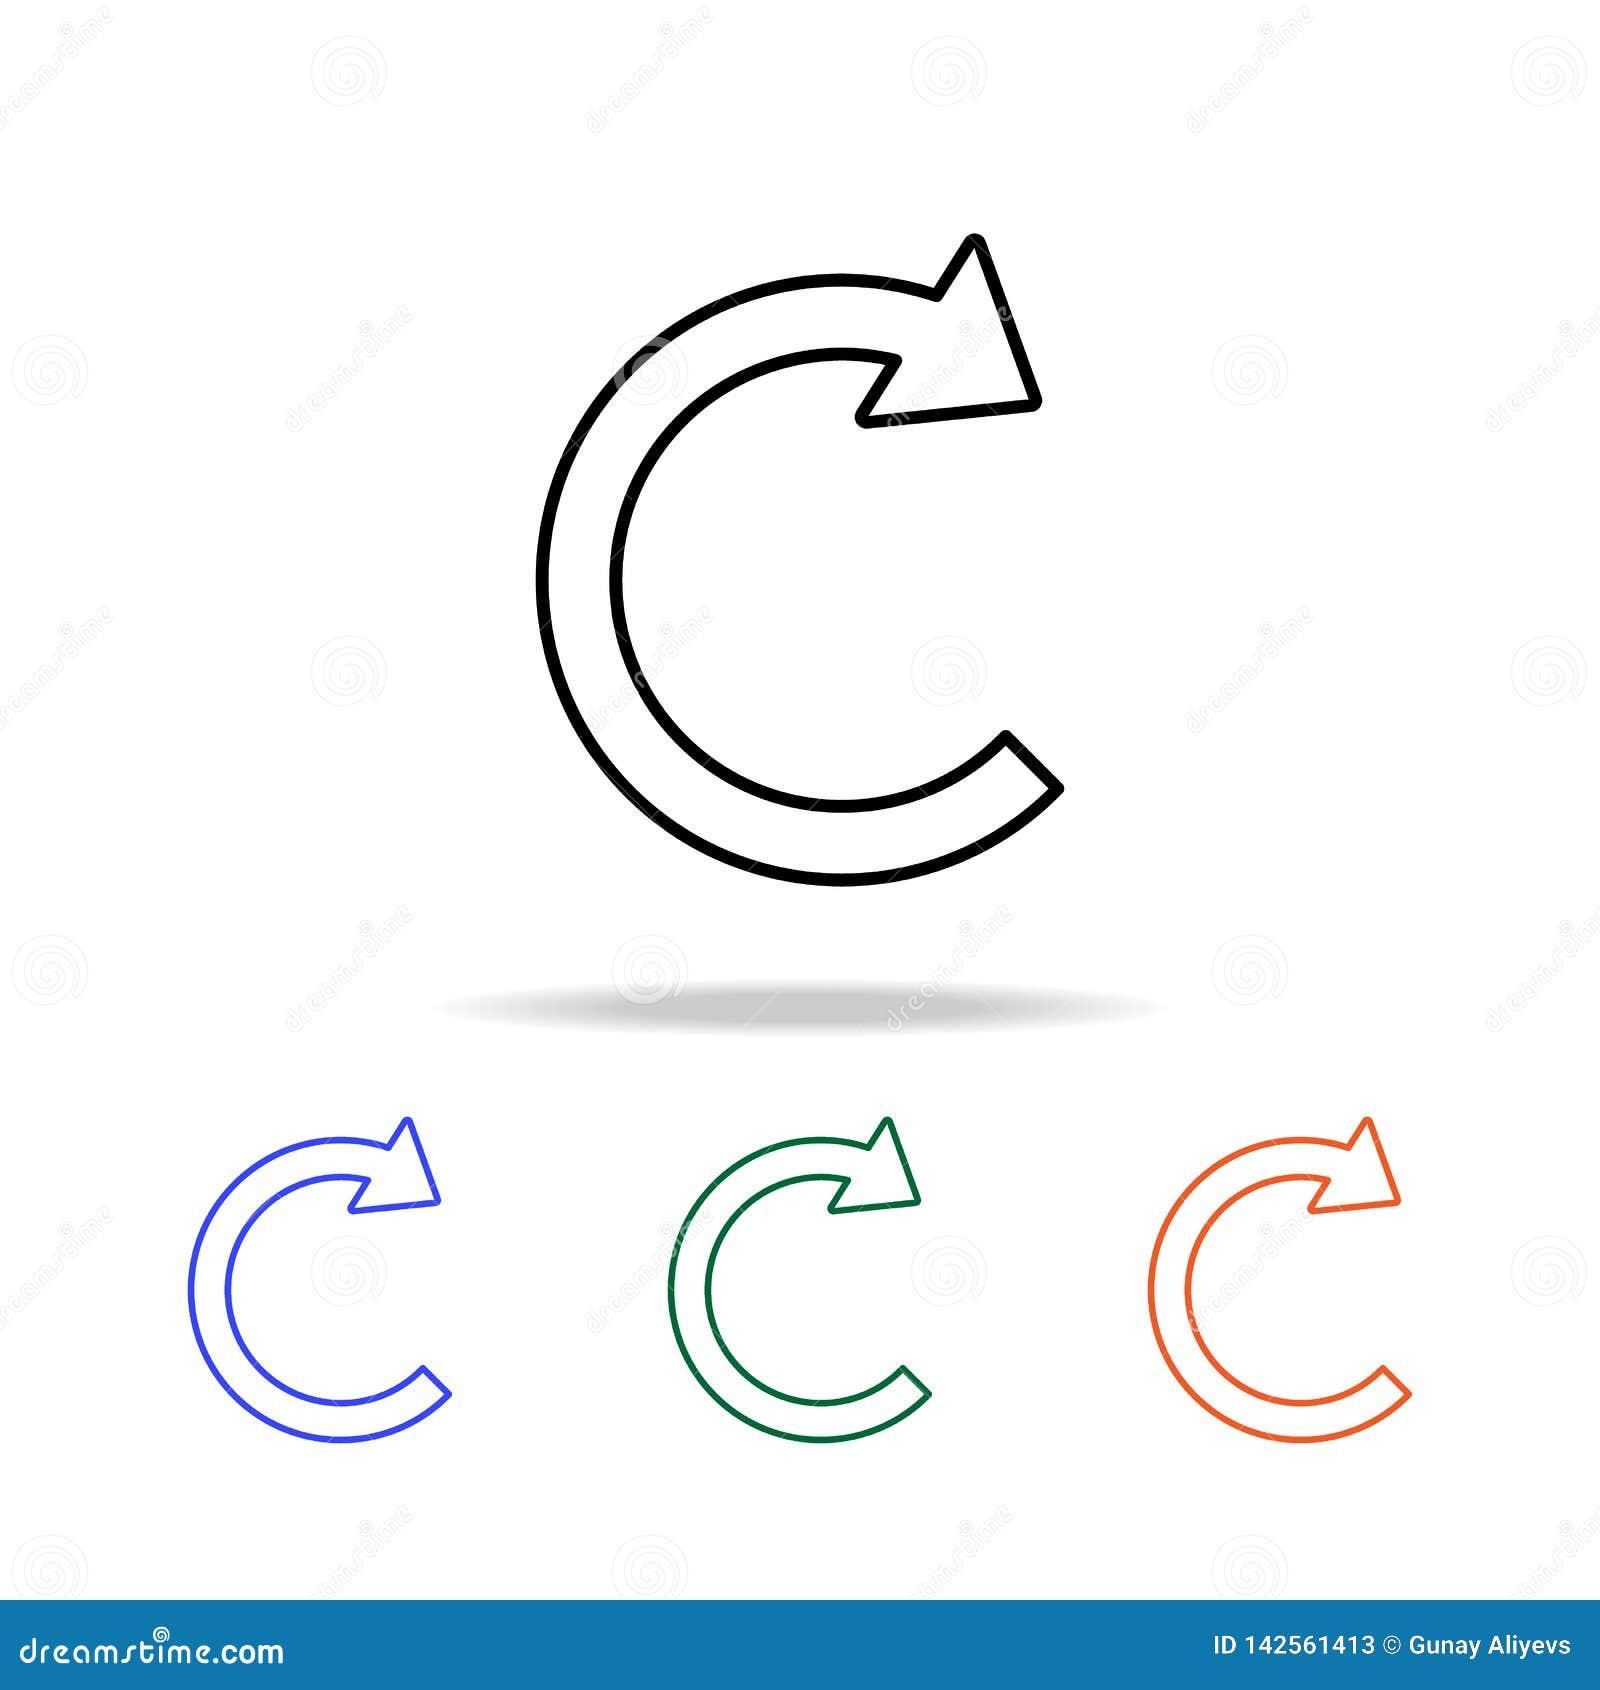 Kółkowa strzałkowata ikona Elementy prosta sieci ikona w wielo- kolorze Premii ilości graficznego projekta ikona Prosta ikona dla